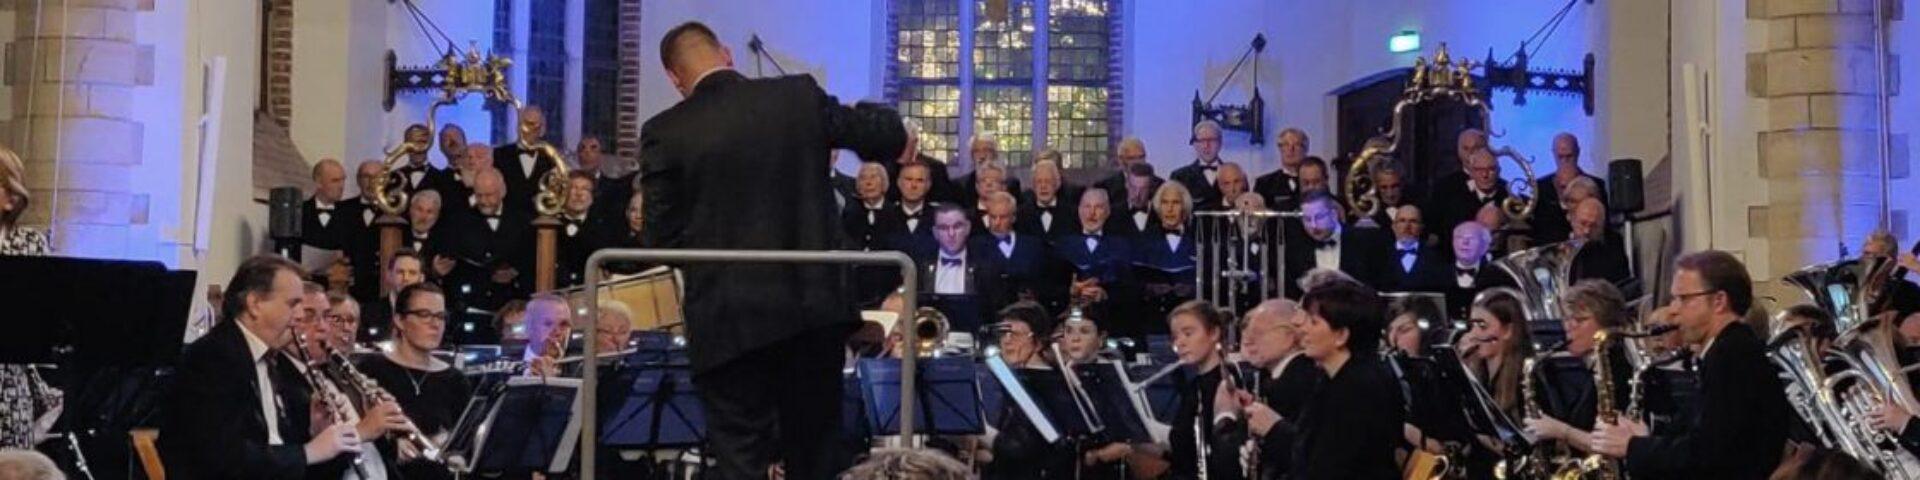 Koninklijke Harmonie Ons Genoegen